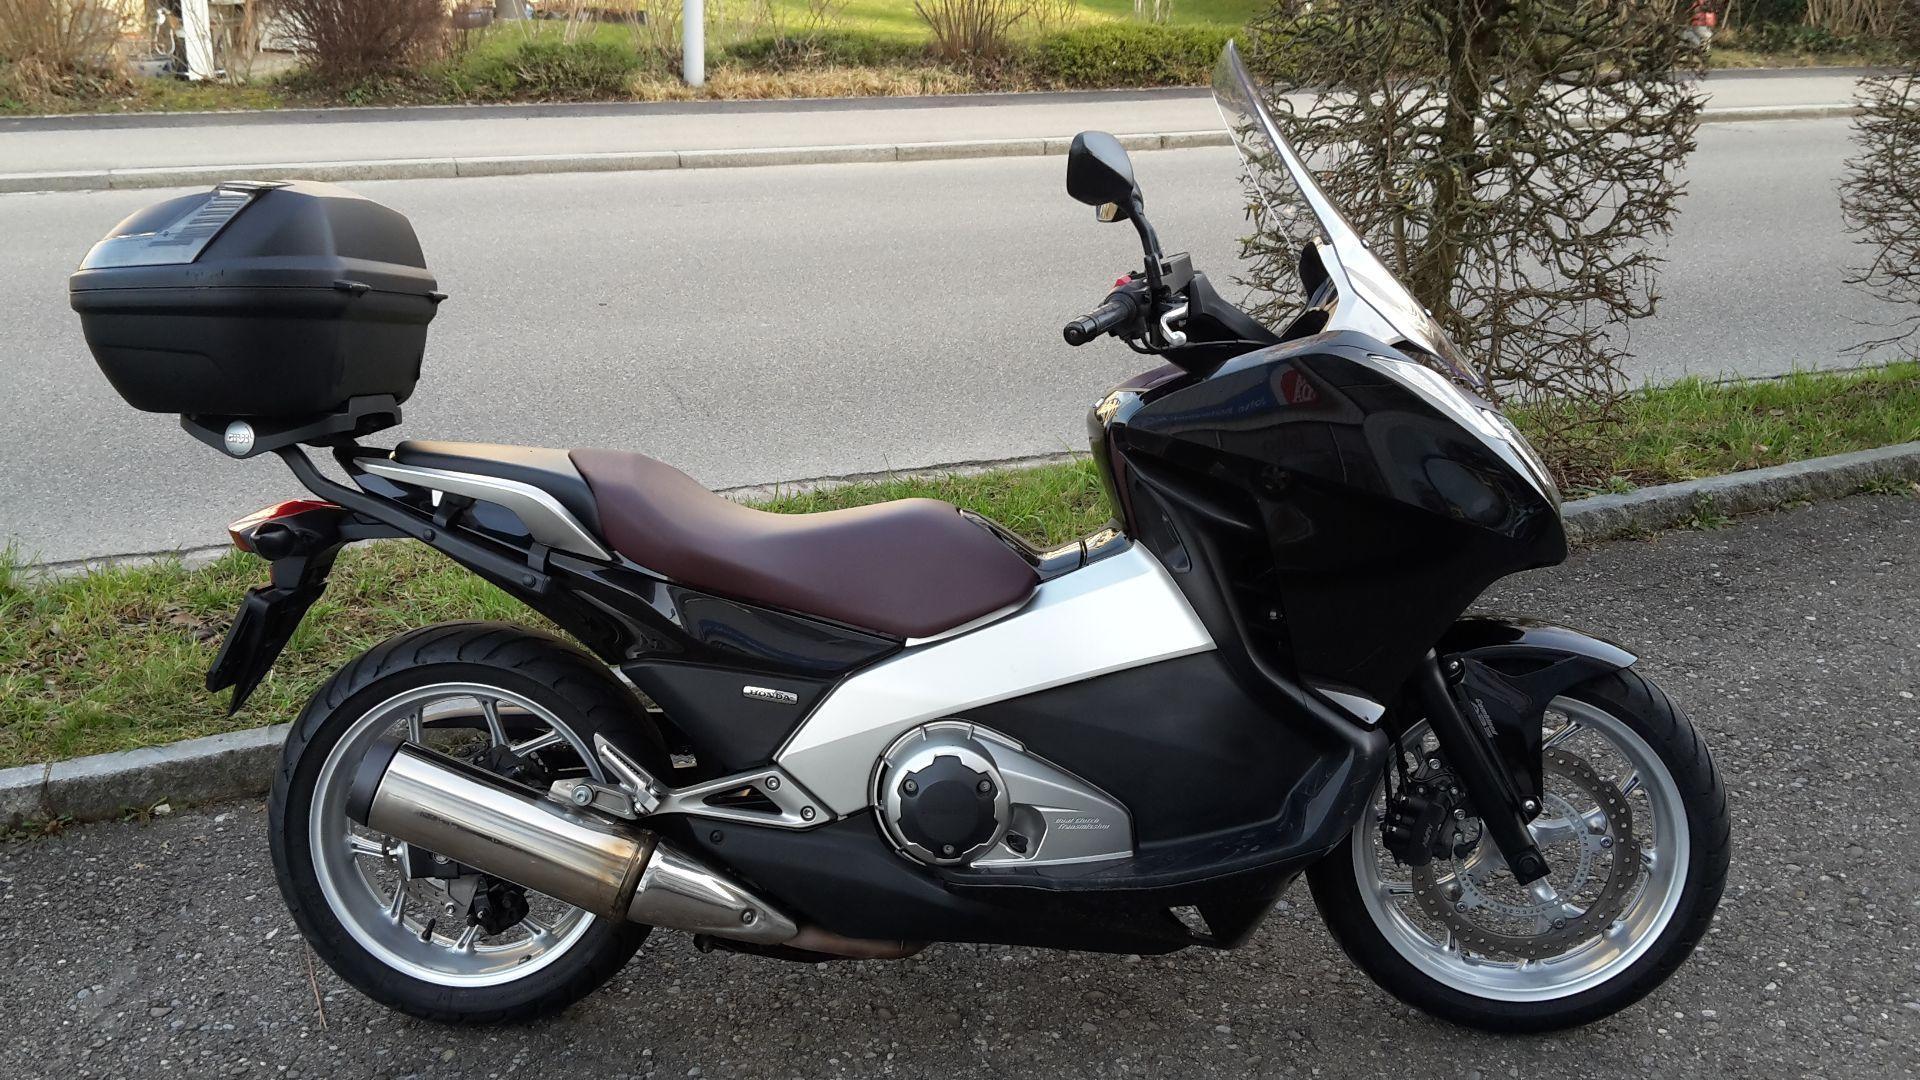 motorrad occasion kaufen honda nc 700 d integra abs joho motosport ag bremgarten. Black Bedroom Furniture Sets. Home Design Ideas